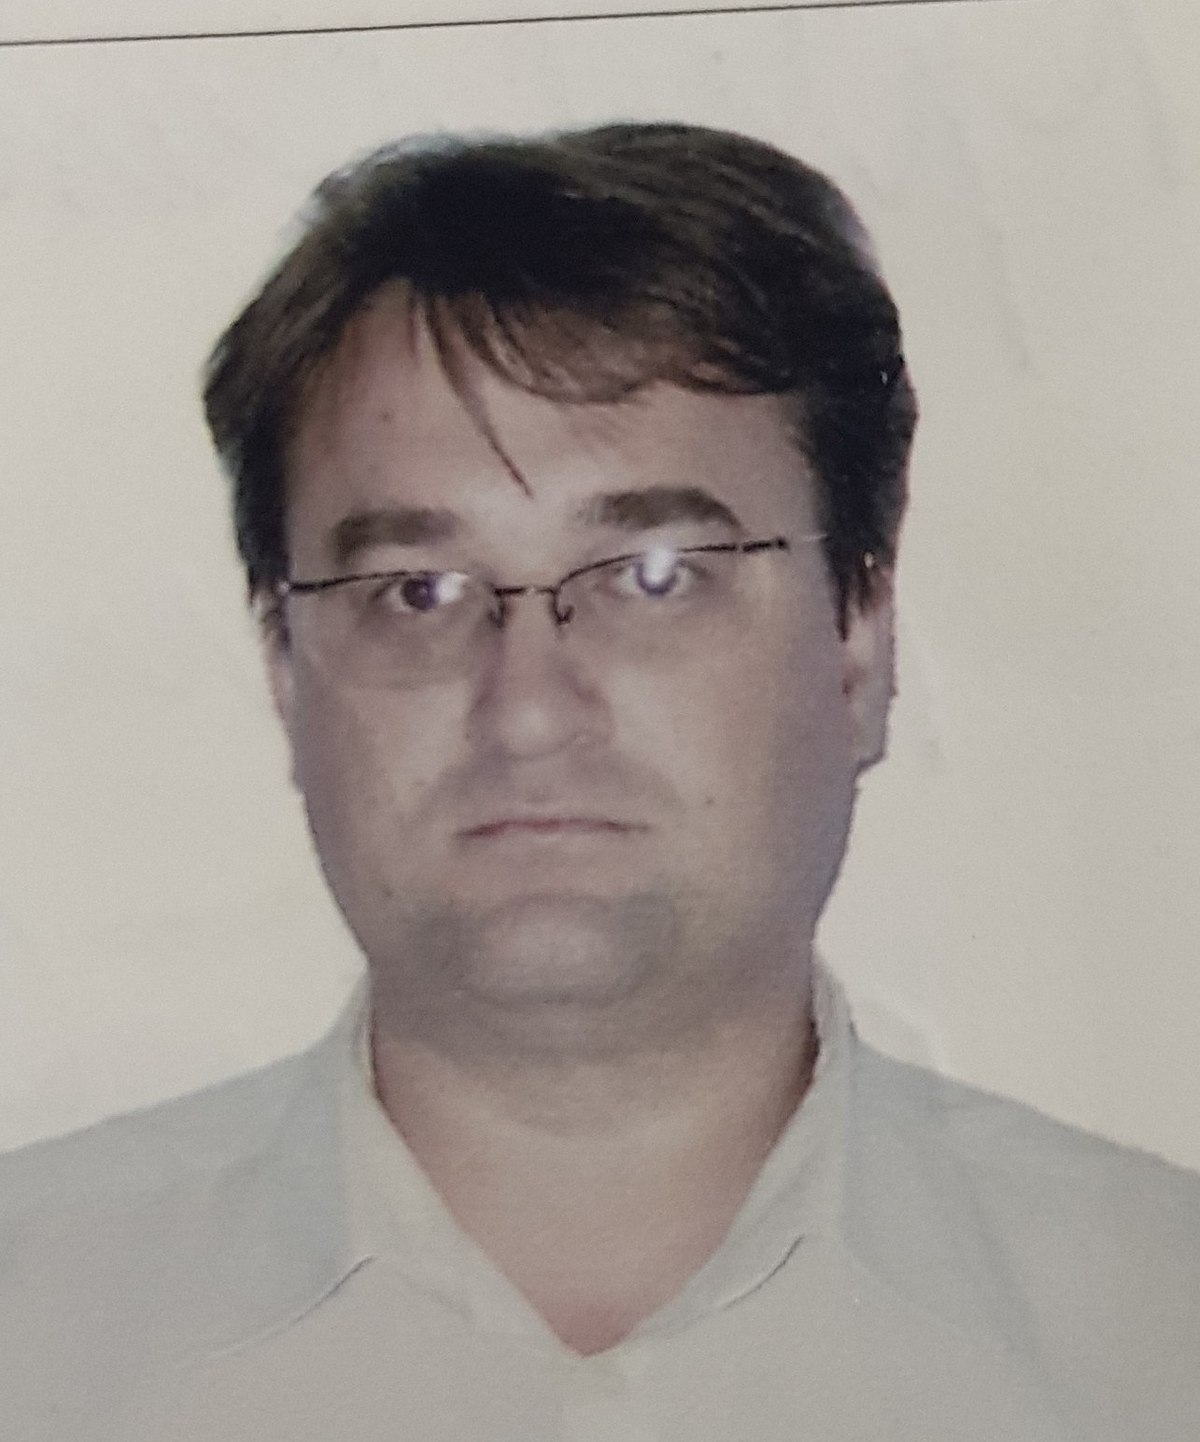 3. Пономарев - Прилепин Валерий Викторович